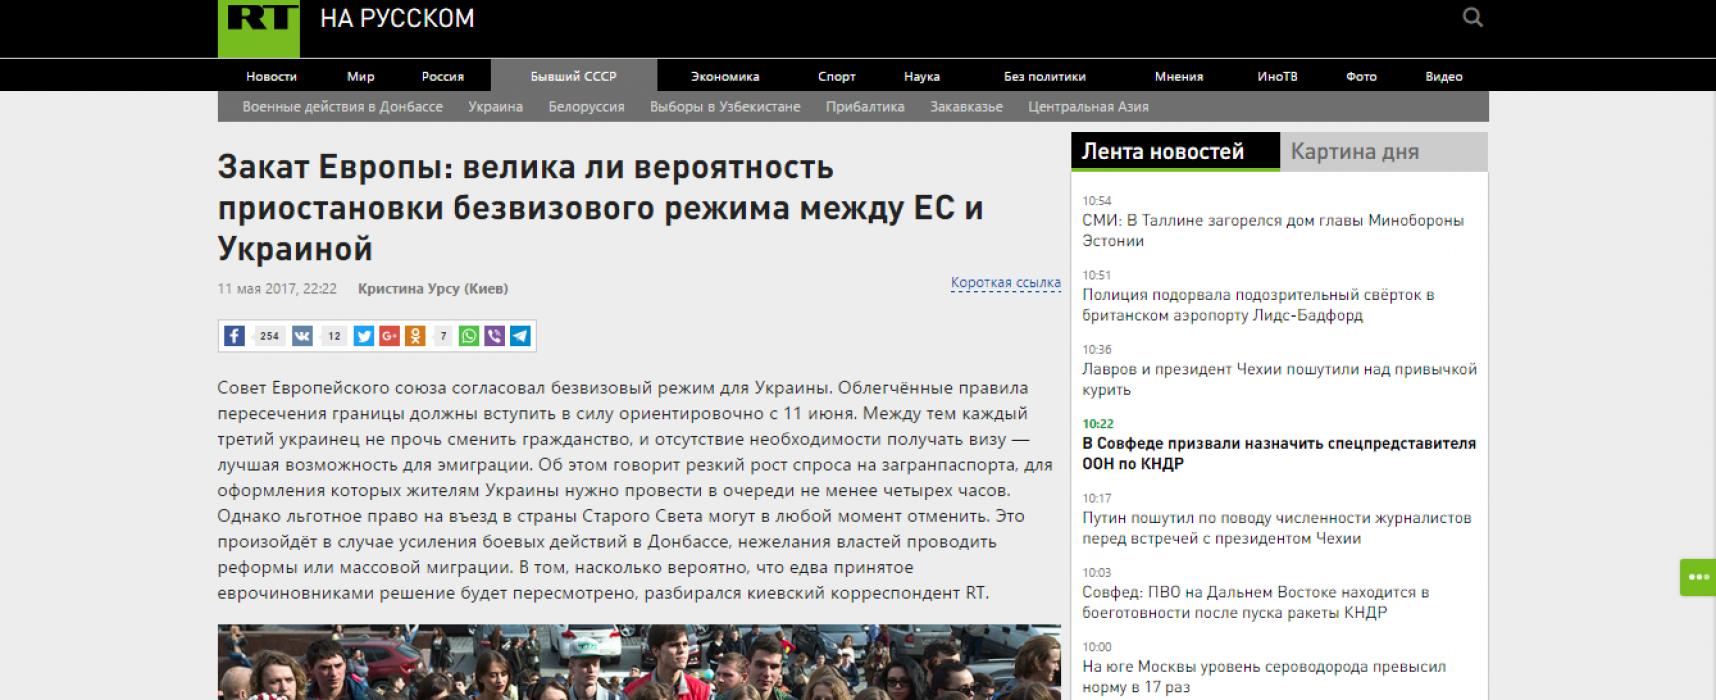 Fake: Evropská unie může zastavit bezvízový styk s Ukrajinou kvůli konfliktu na východě země